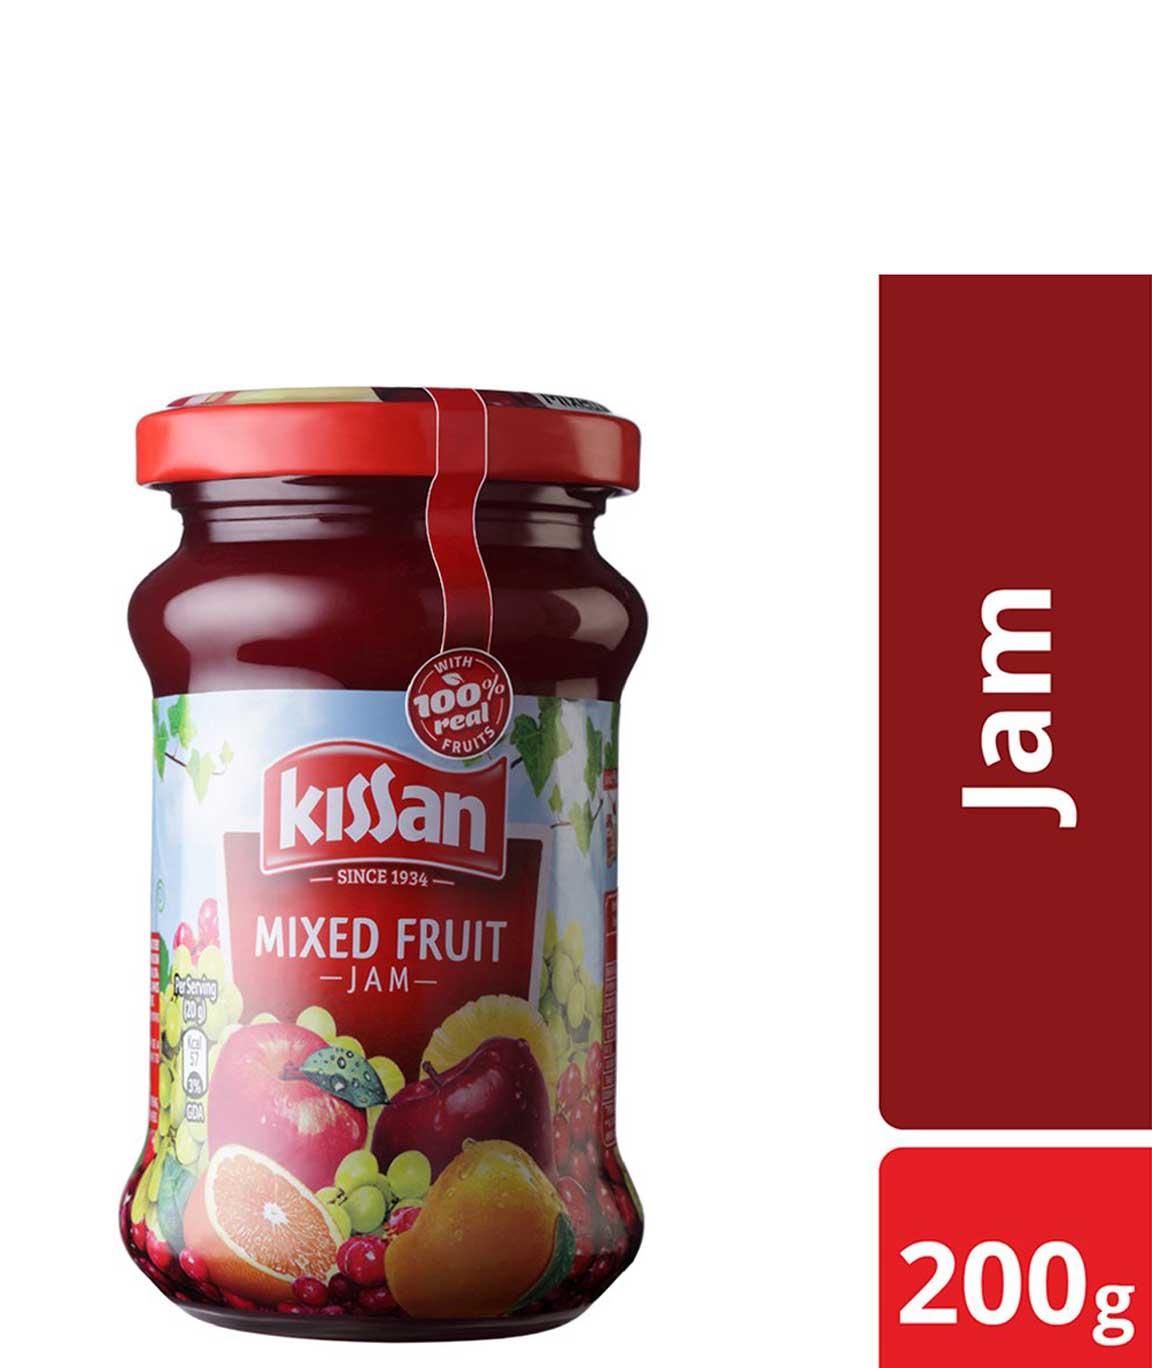 Kissan Mixed Fruit Jam Jar, 200g